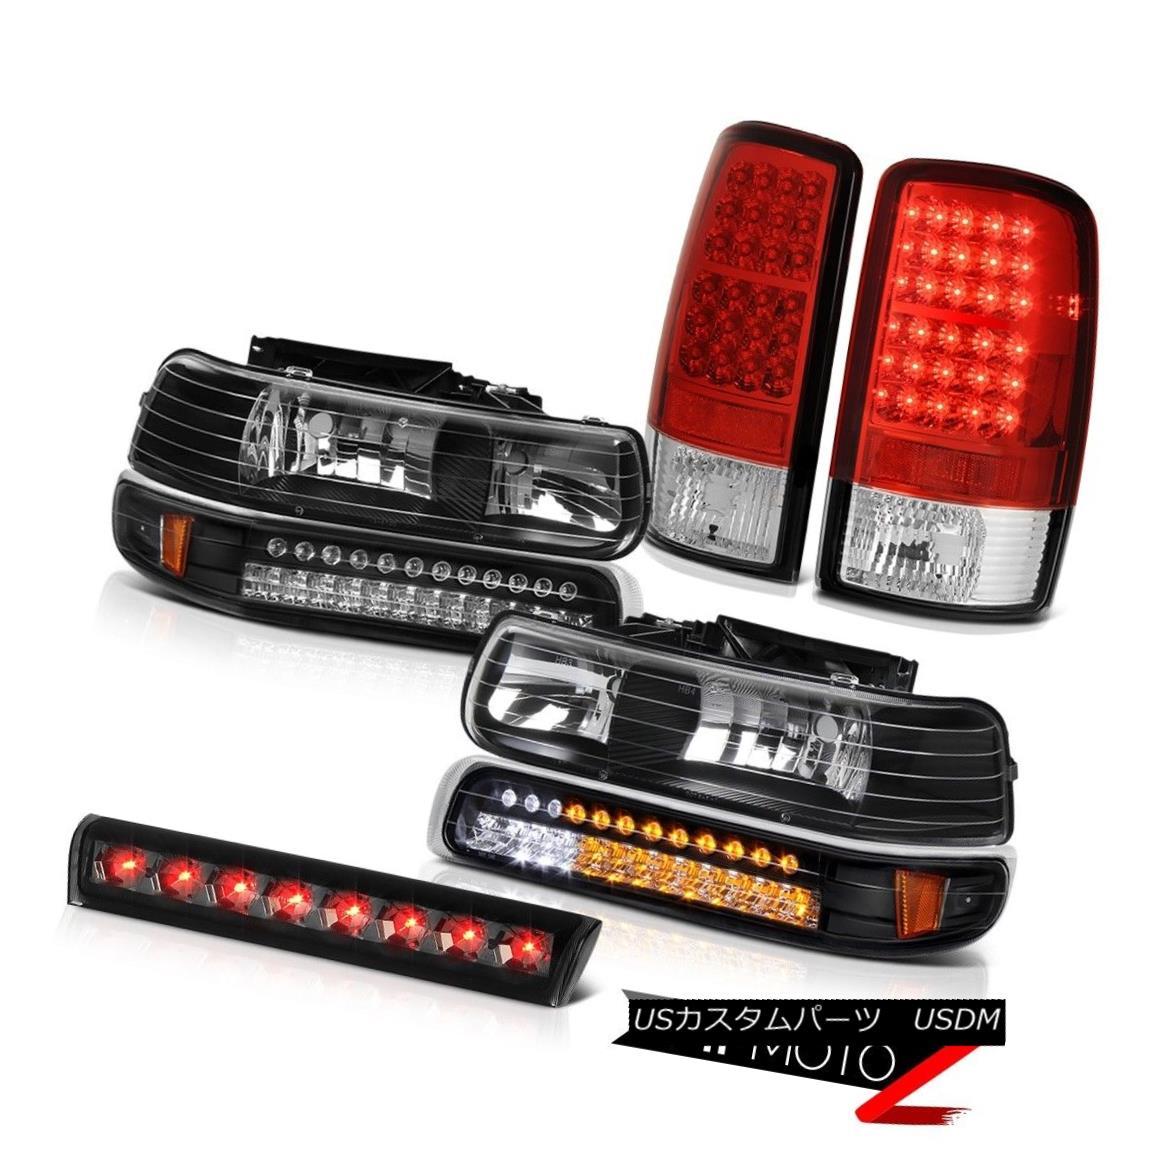 ヘッドライト 00-06 Tahoe LS LED Crystal Bumper Headlights Red Tail Lights High Brake Cargo 00-06タホLS LEDクリスタルバンパーヘッドライトレッドテールライトハイブレーキ貨物